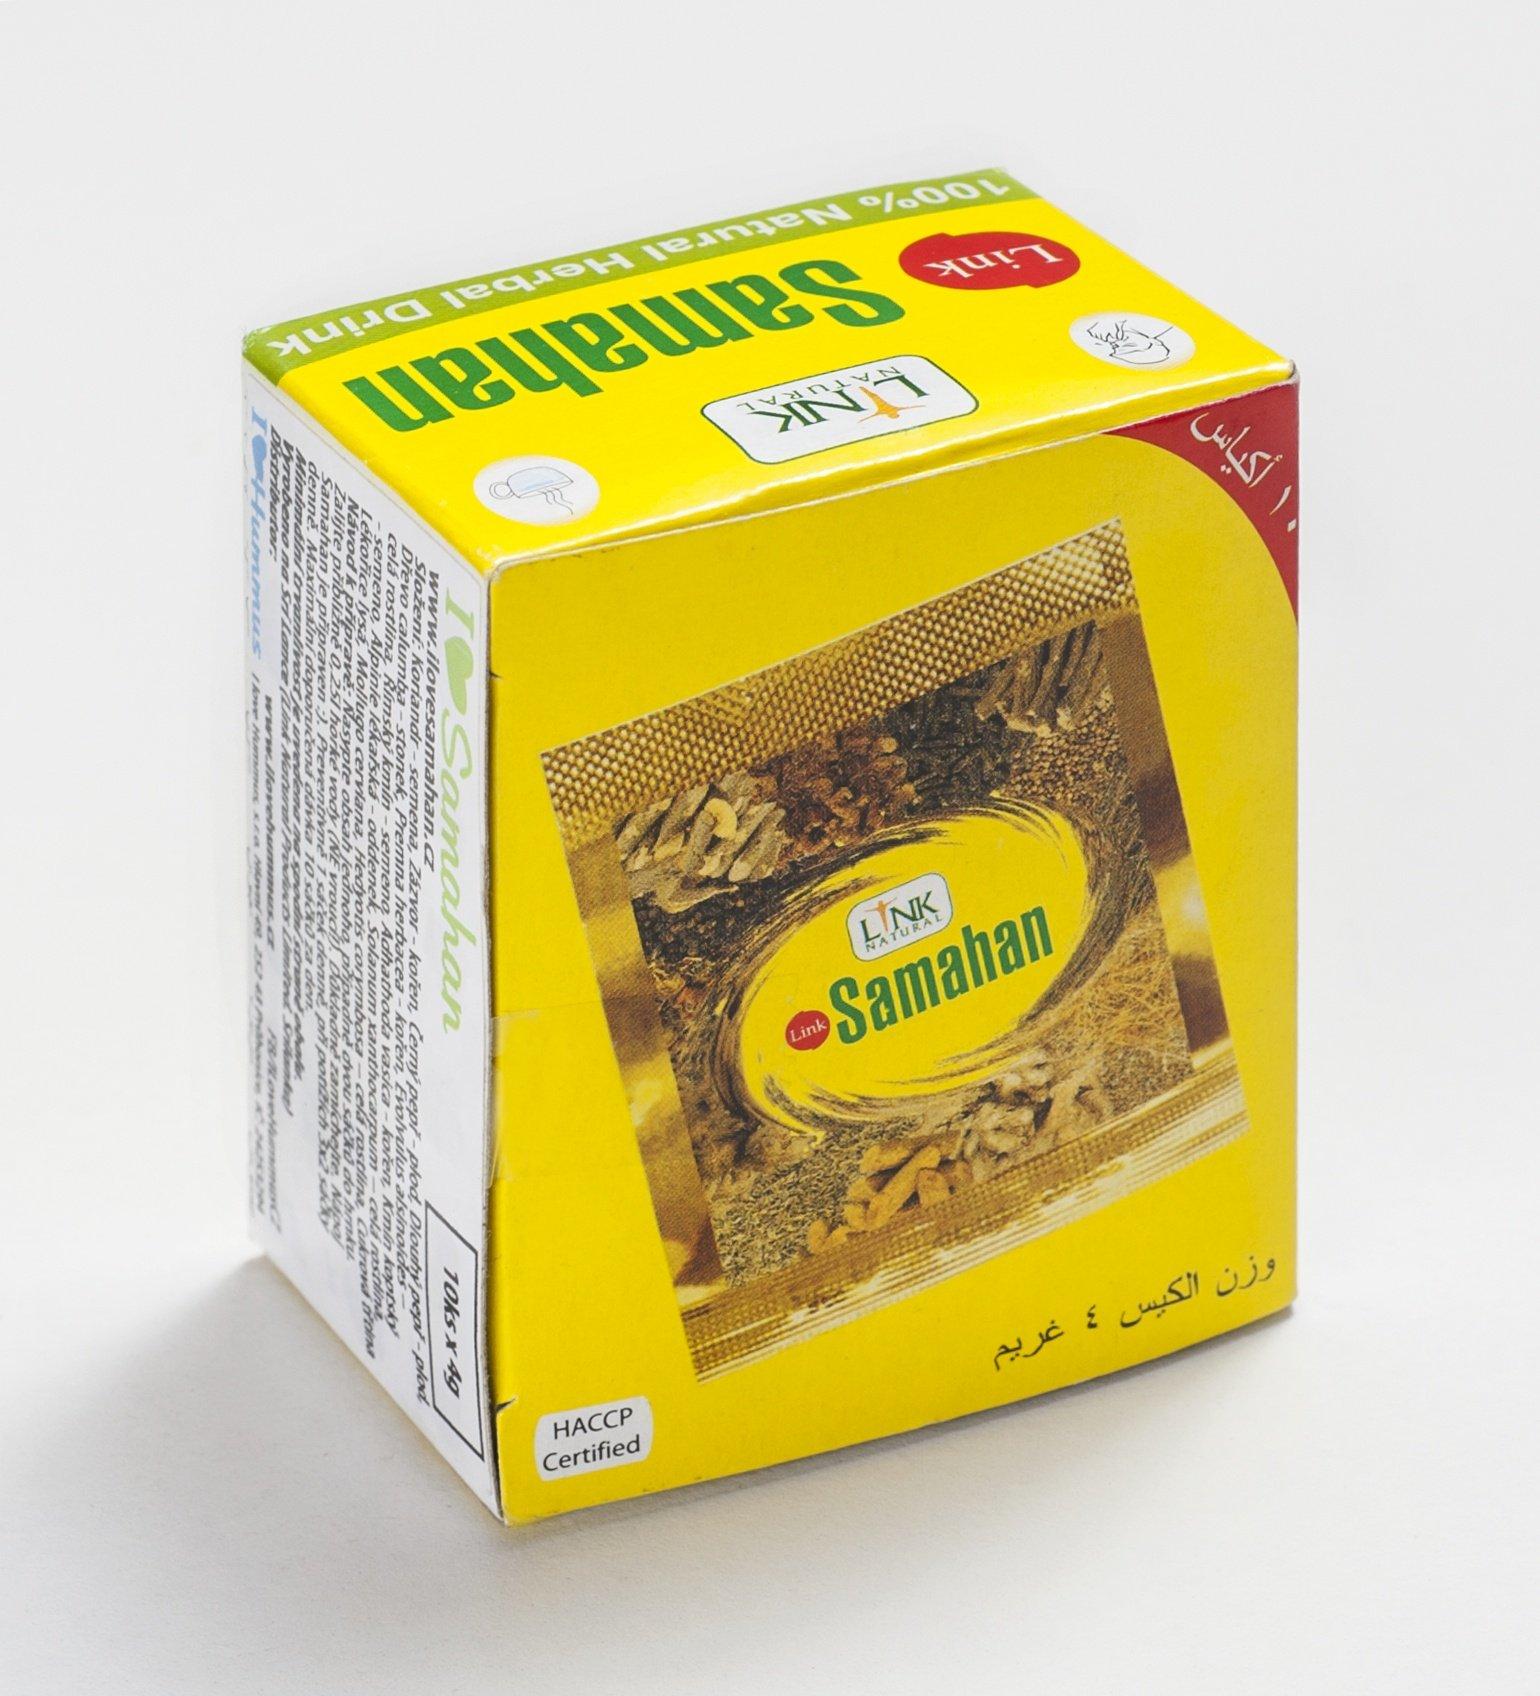 60x-6x-10x-4g-Samahan–ayurvedisches-Kruter-Instantgetrnk-aus-Sri-Lanka-Zur-Behandlung-von-Grippe-und-Erkltungen-Untersttzt-das-Immunsystem